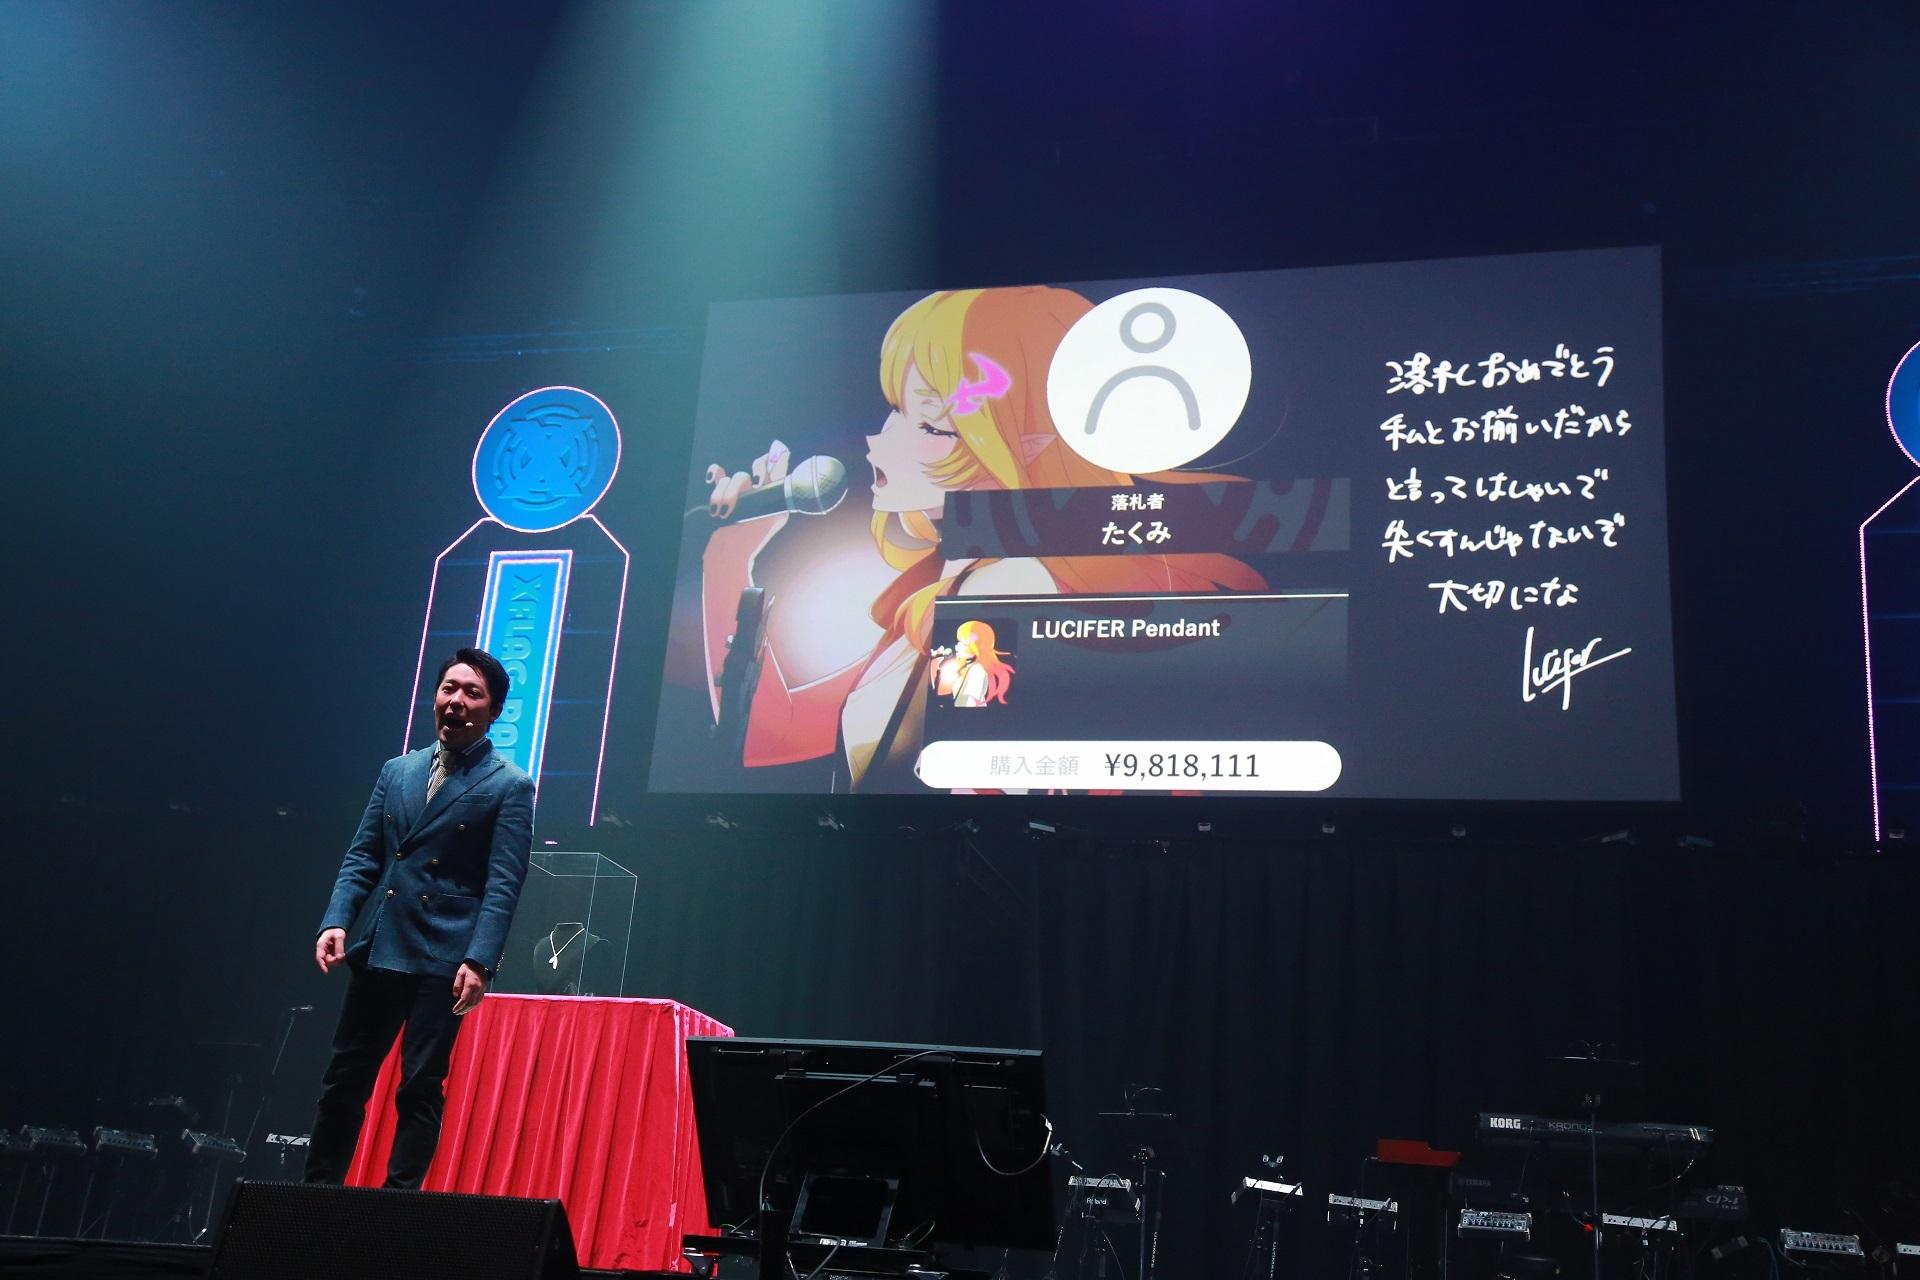 中田敦彦さんプレゼンターを務めた逆オークションでは、ネックレスが約 980 万円で落札